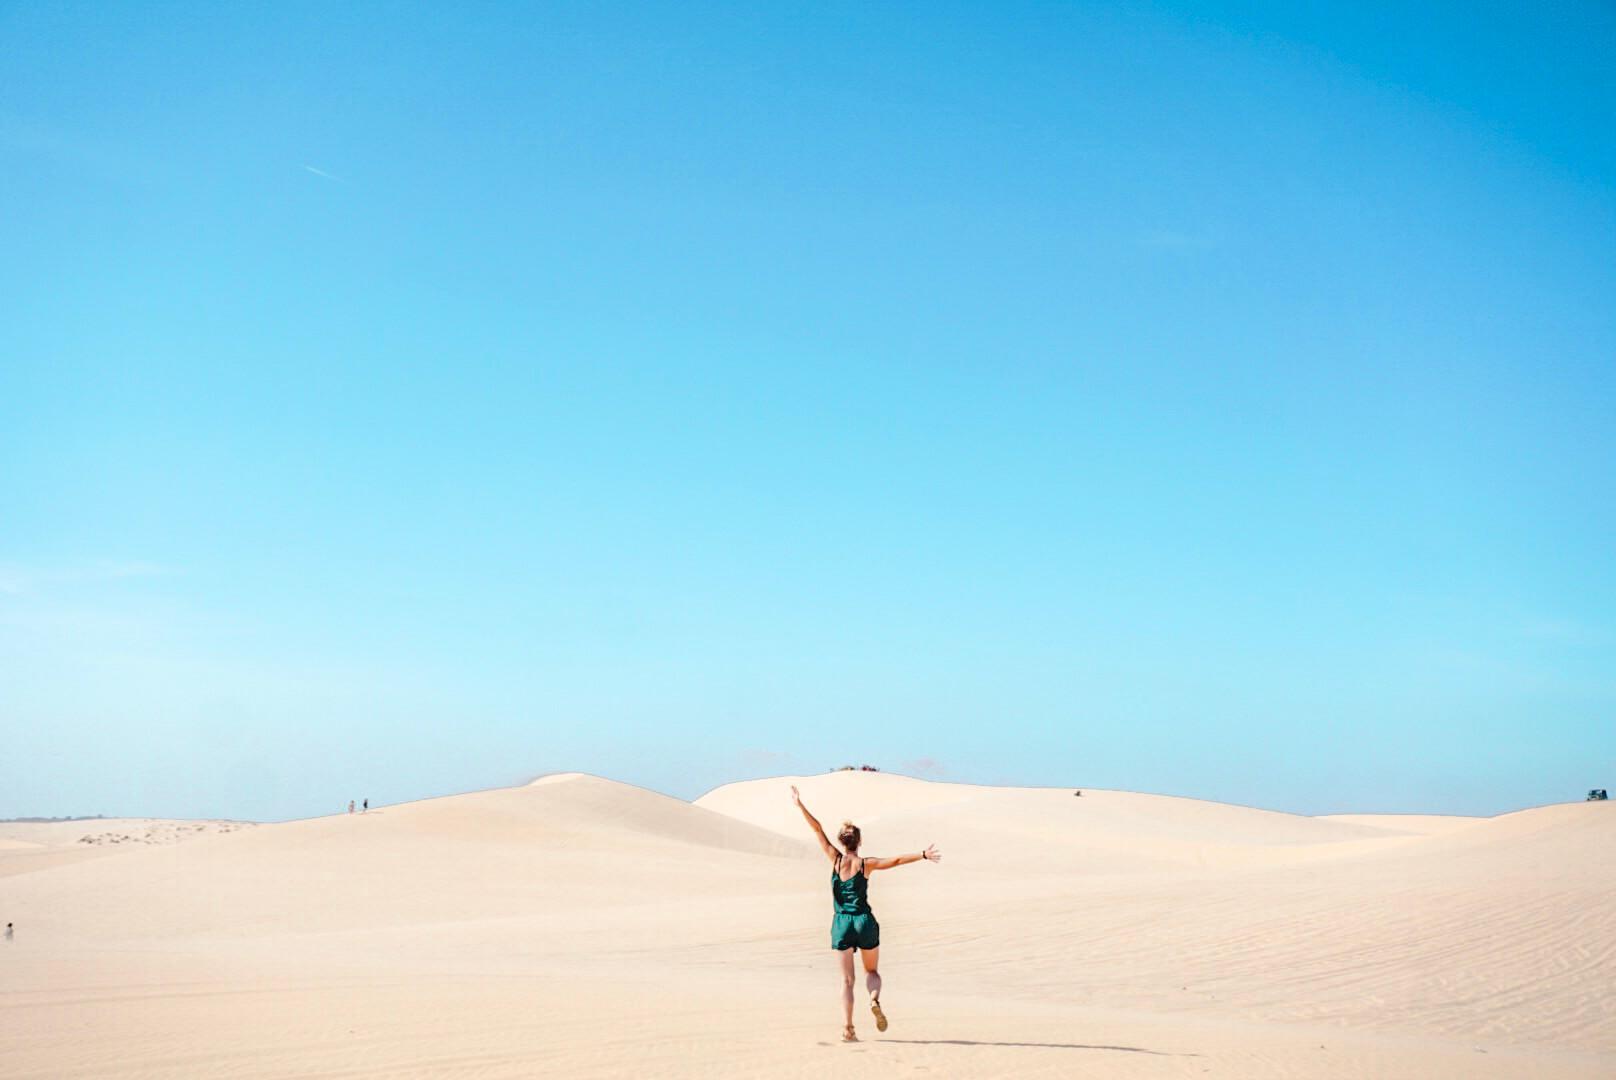 Les dunes blanche de Mui Né Vietnam